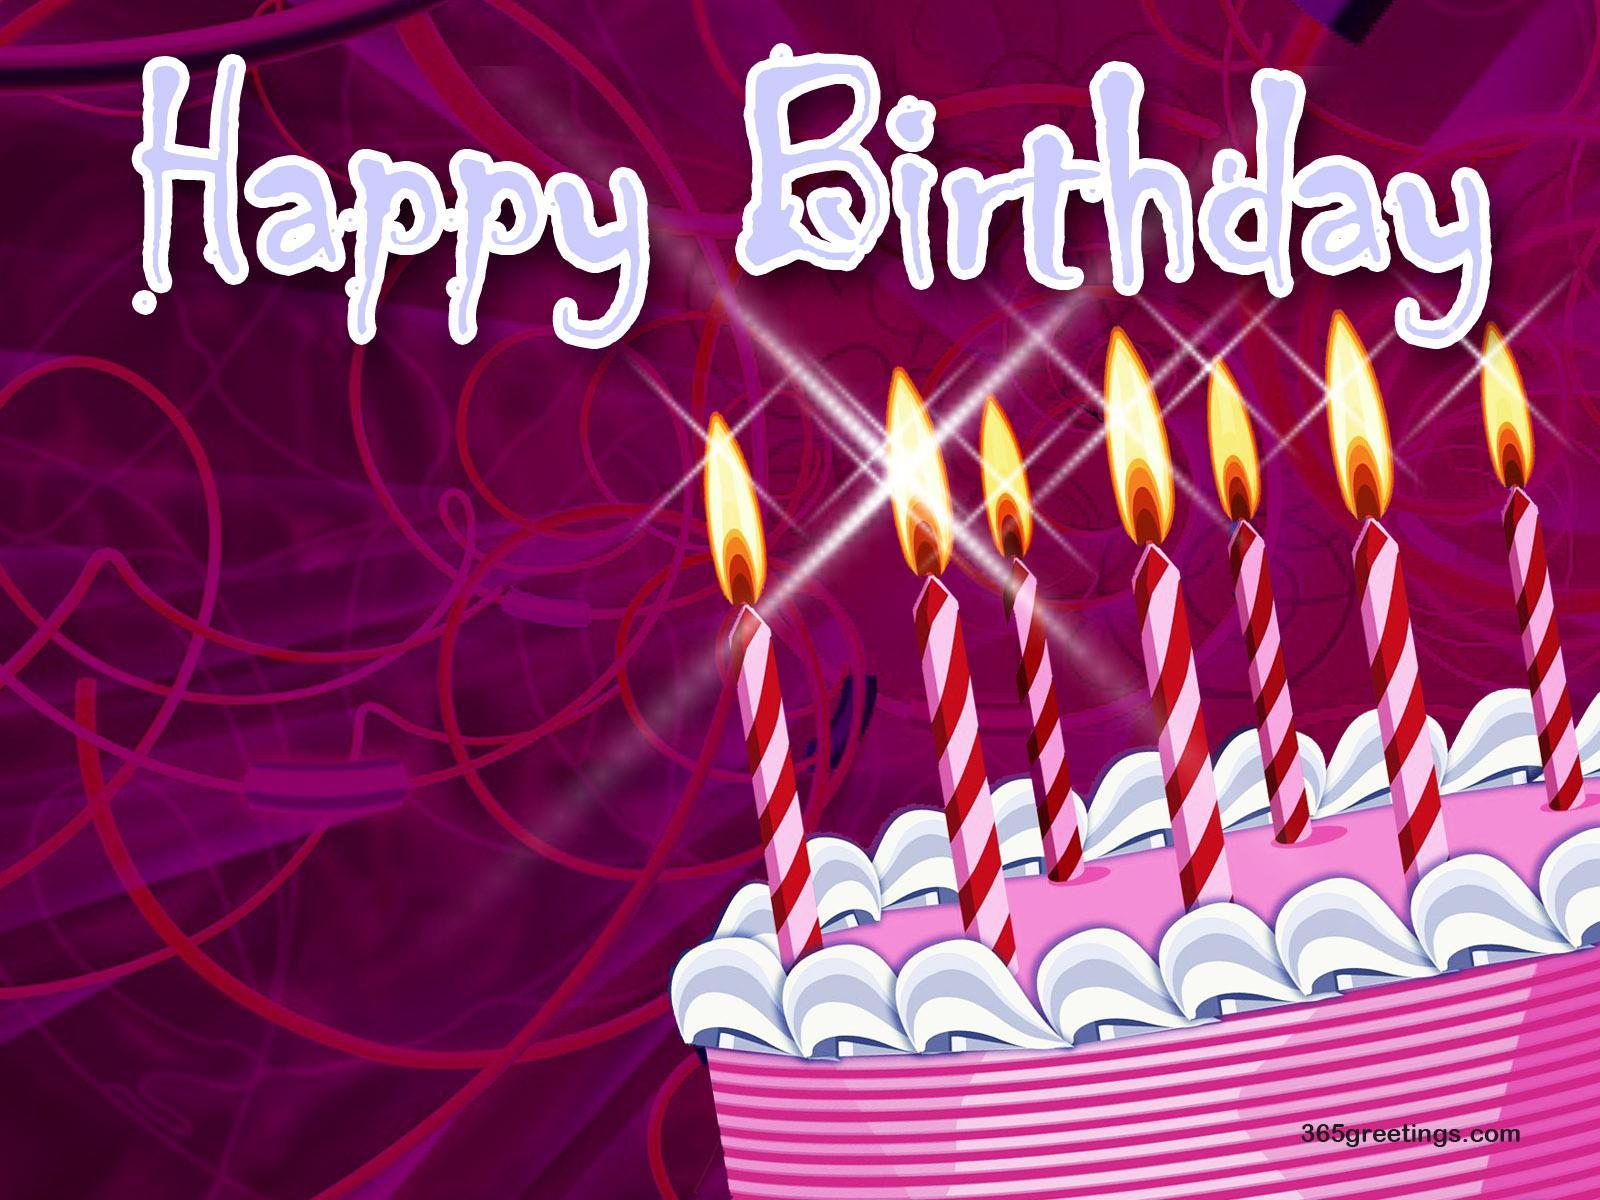 Imagenes de cumpleaños para los cincuenta y tres años